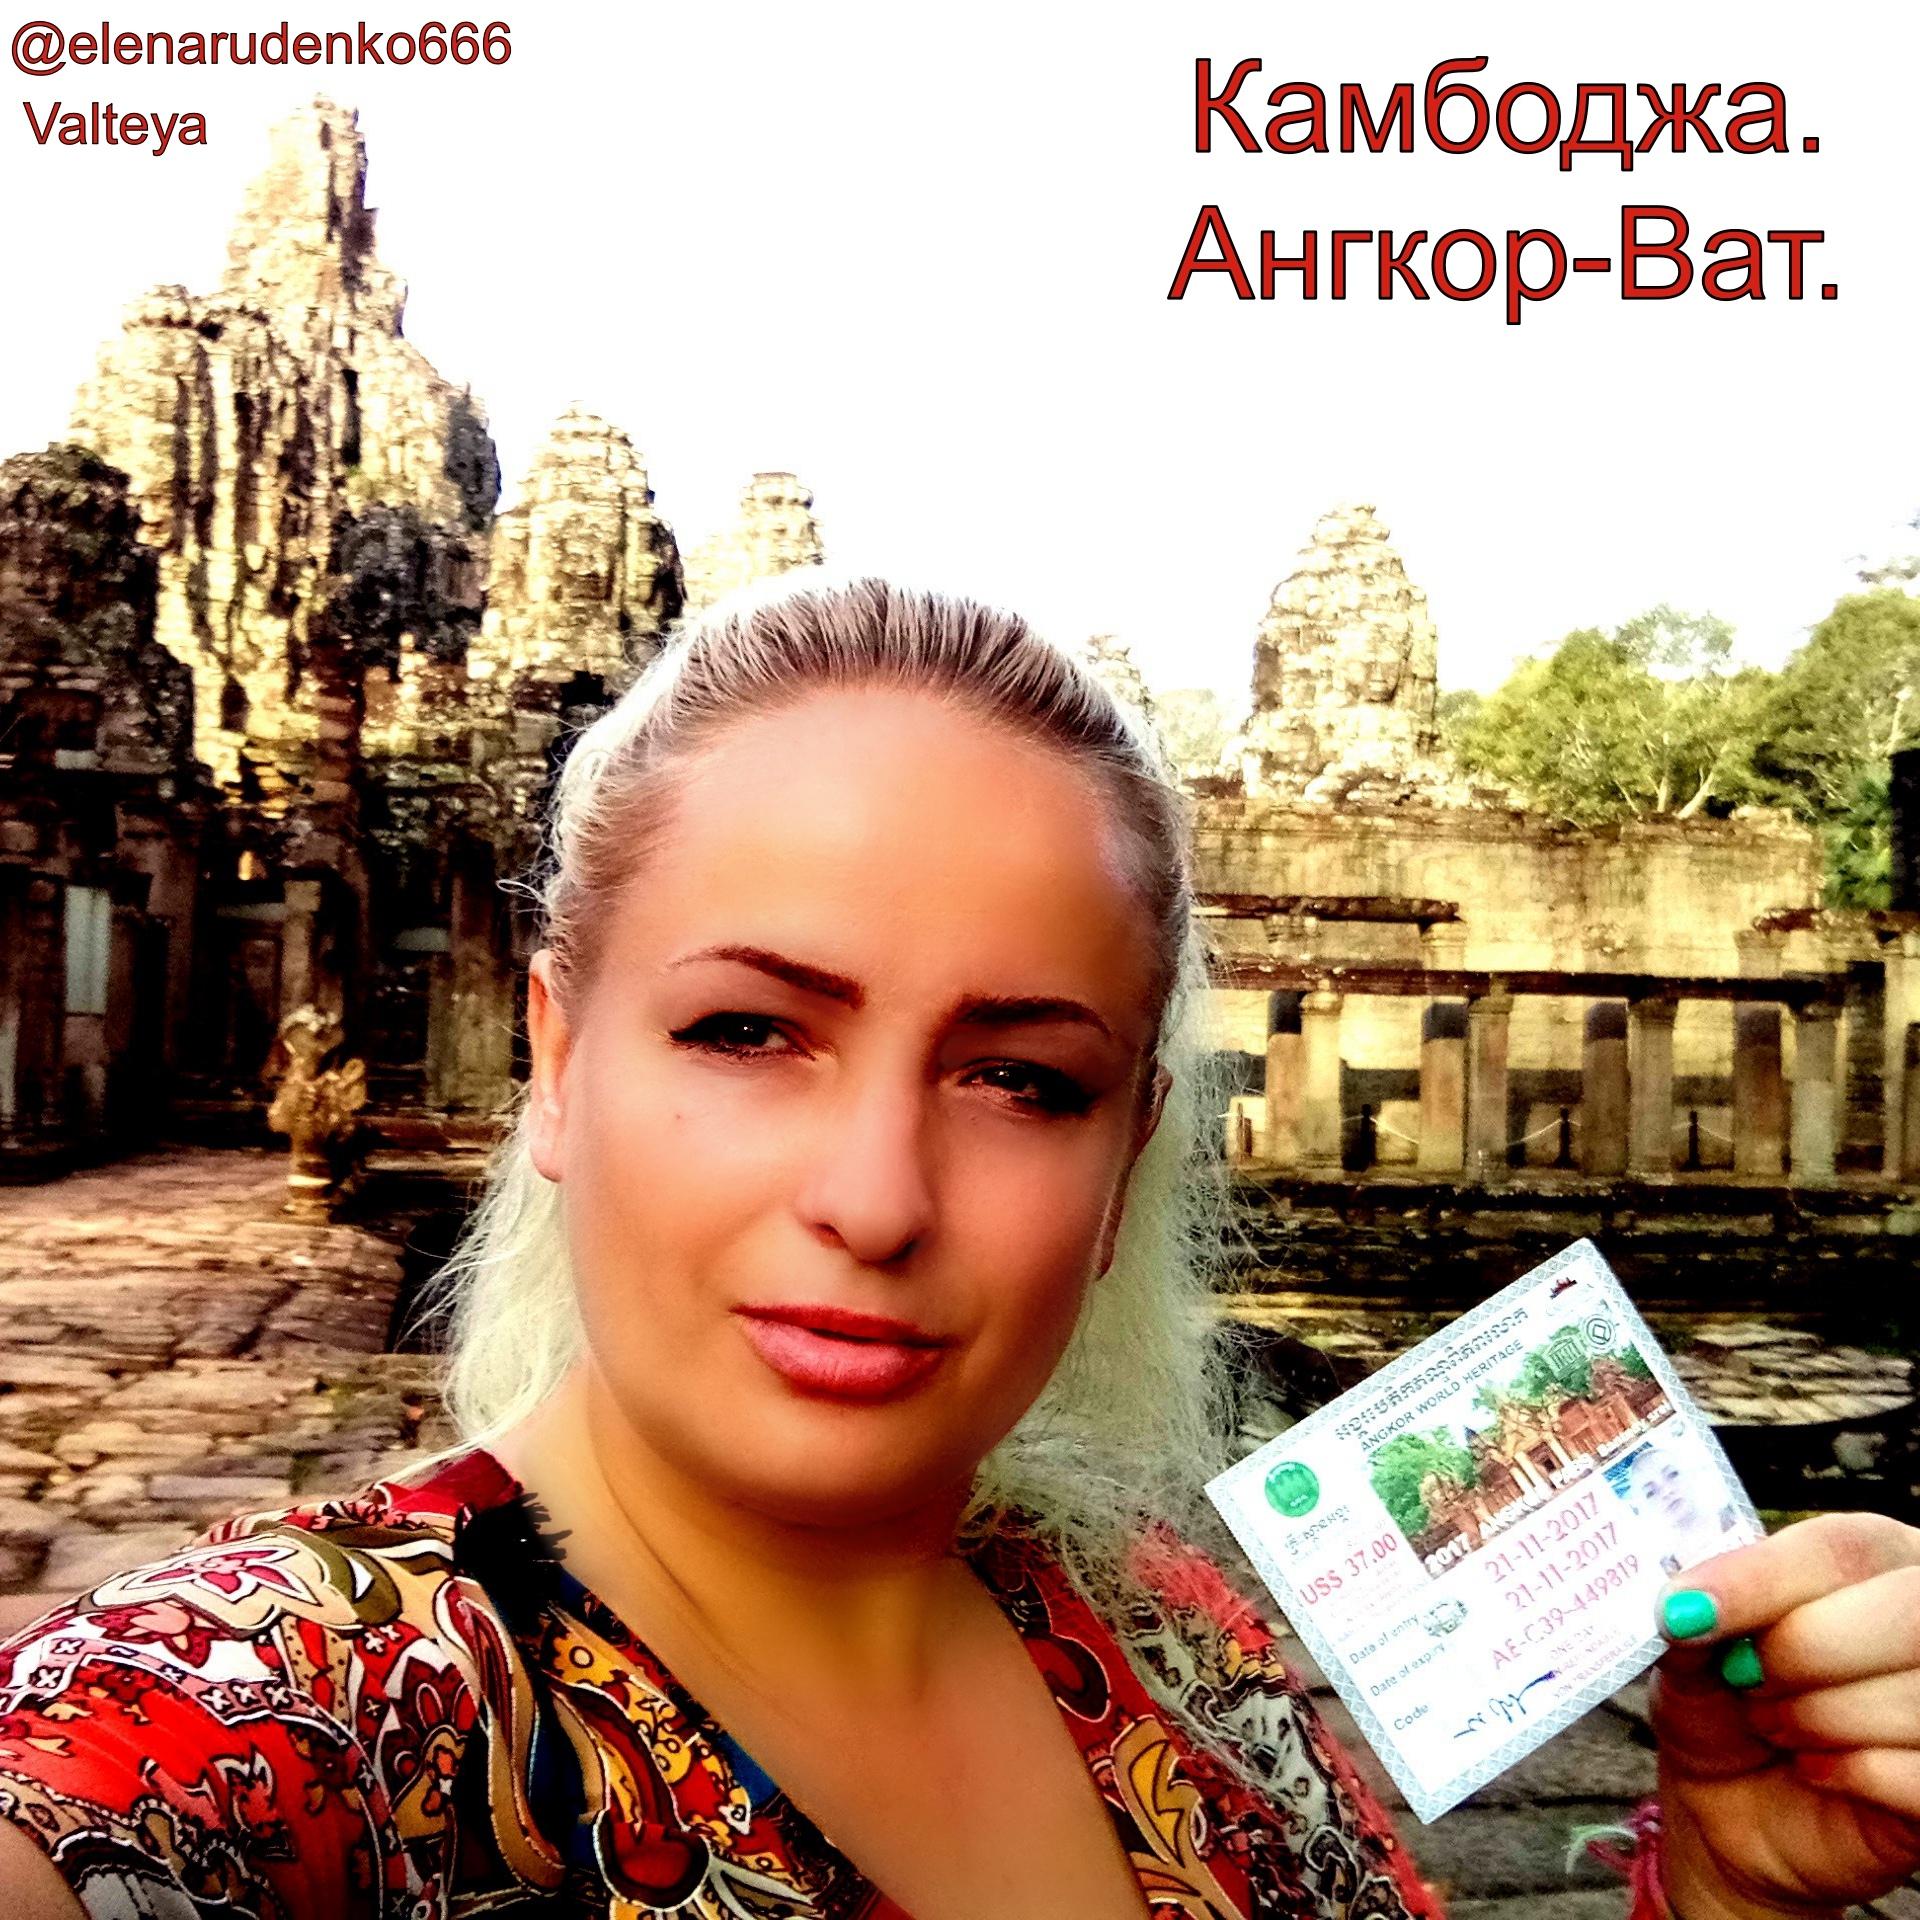 никосия - Елена Руденко. Мои путешествия (фото/видео) - Страница 3 281nPQRW1aM